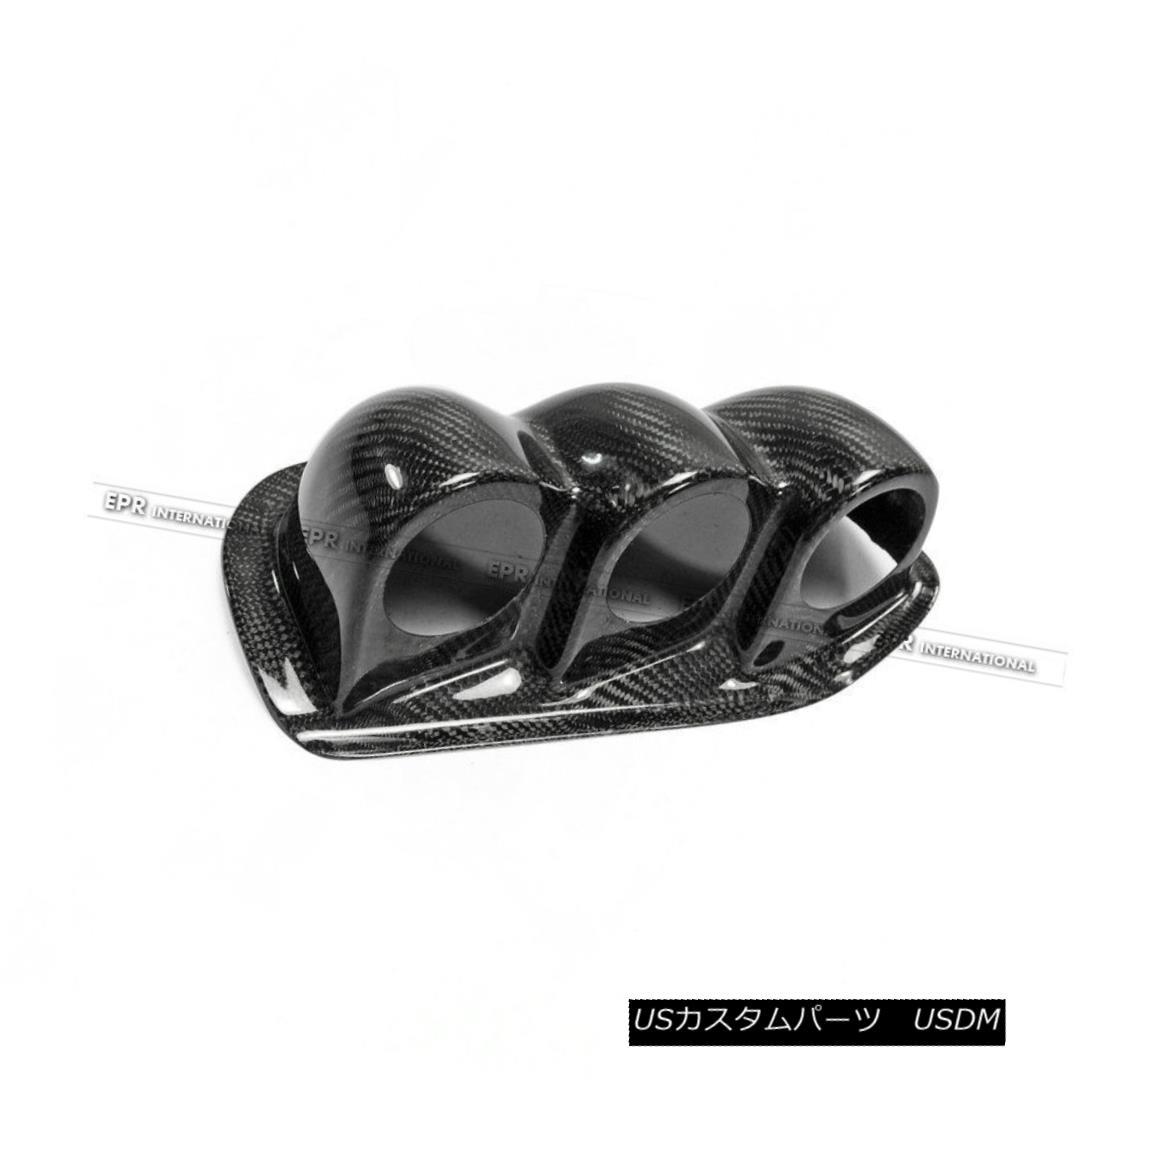 エアロパーツ Carbon Fiber Uras Dash Mount Triple Gauge Pod 60mm (RHD) For Nissan Silvia S14 カーボンファイバーウラスダッシュマウントトリプルゲージポッド60mm(RHD)日産シルビアS14用